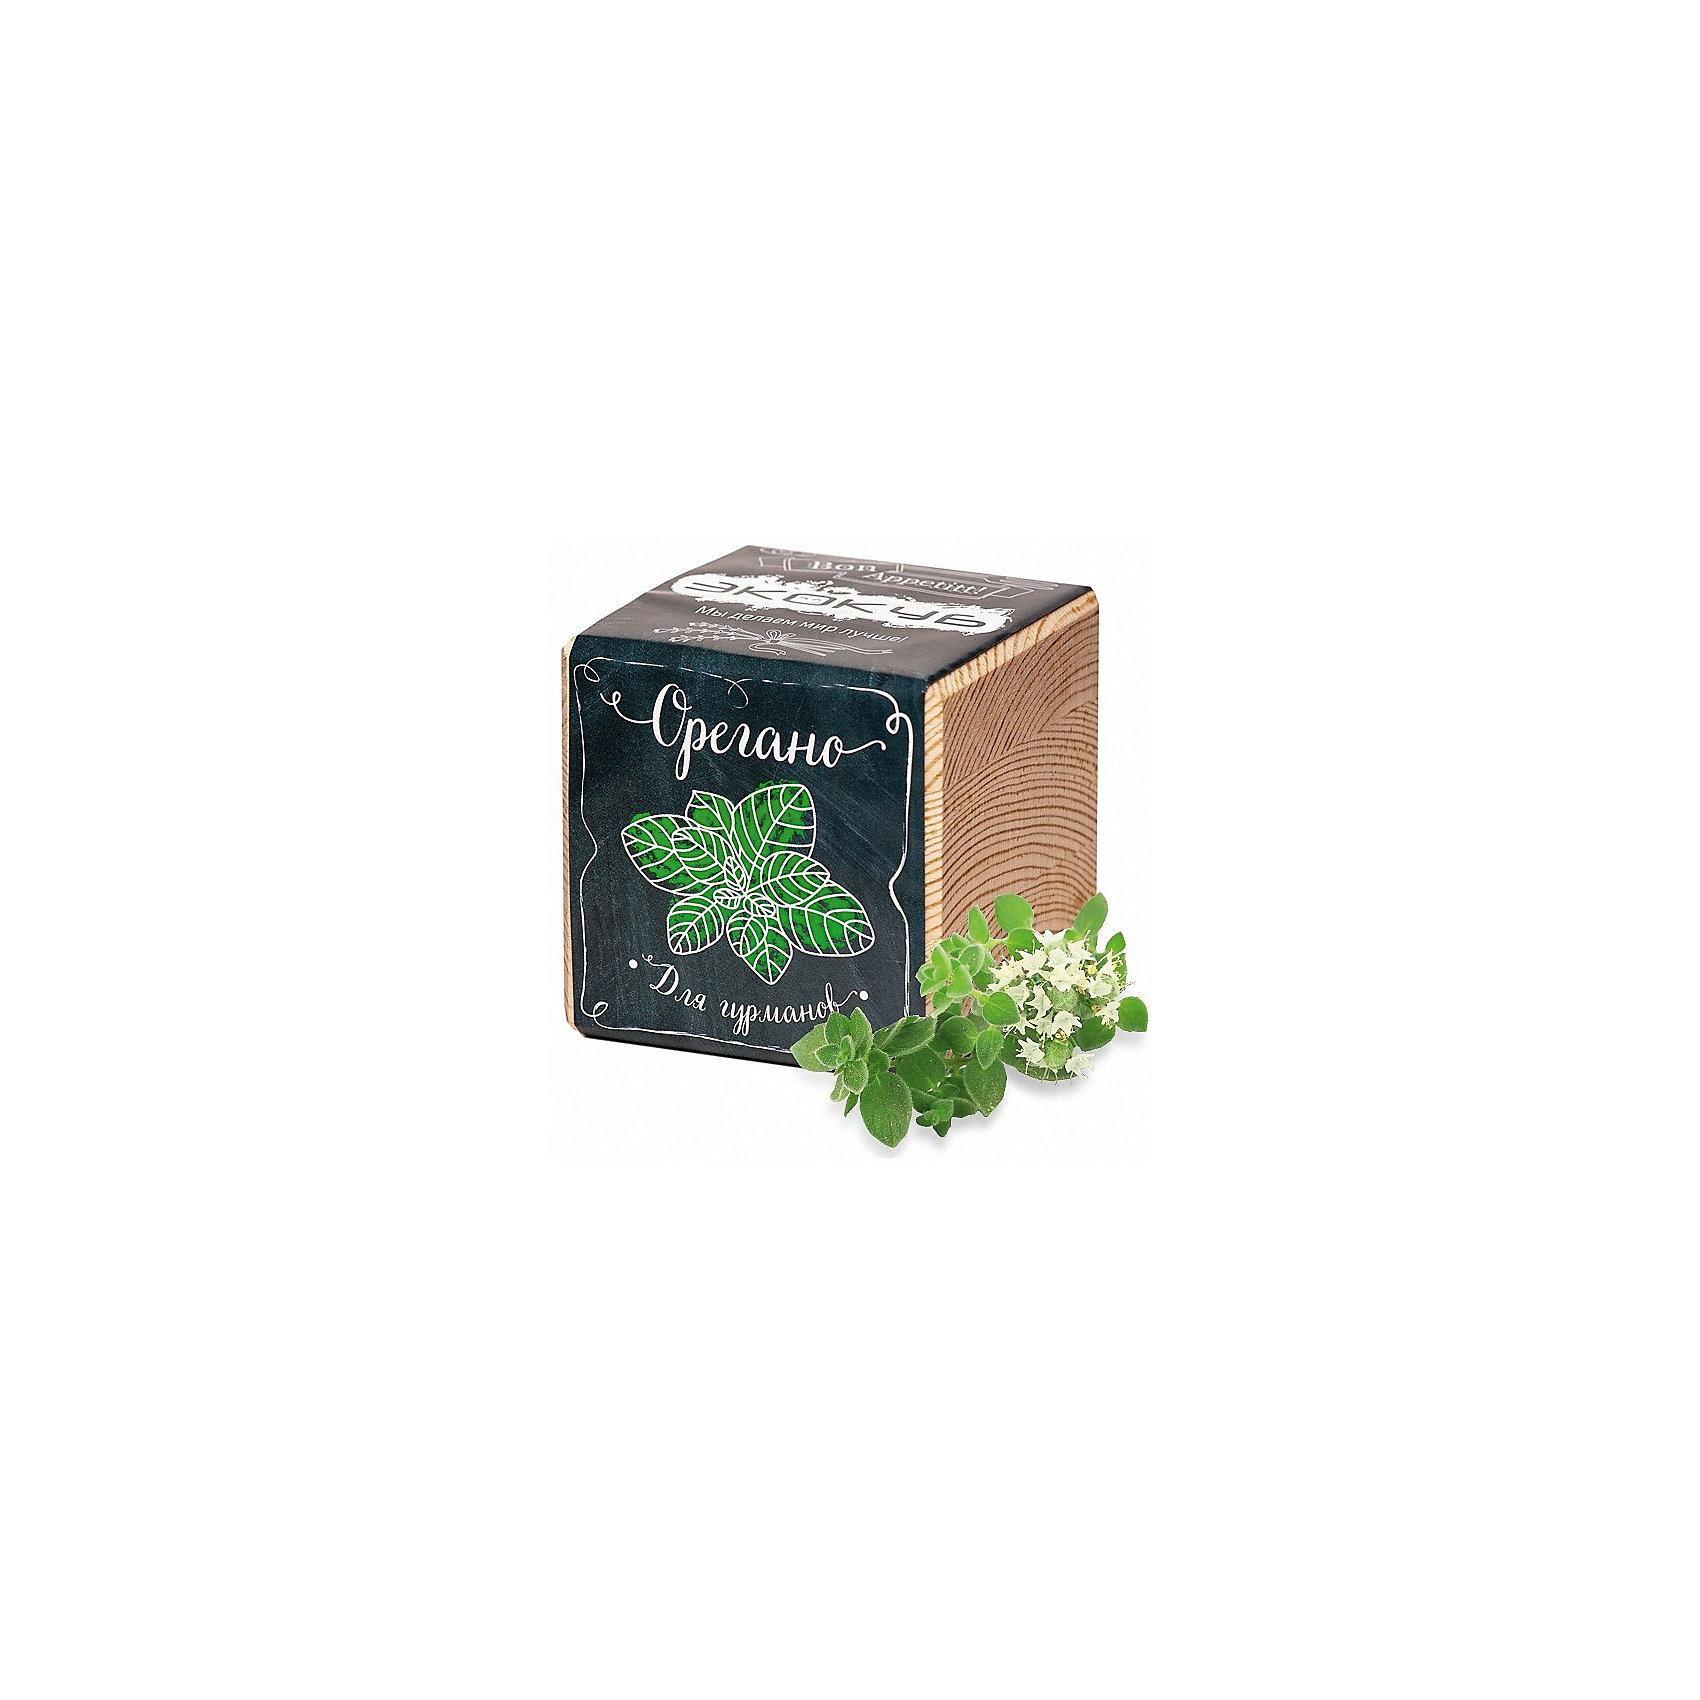 Набор для выращивания Орегано, ЭкокубНаборы для выращивания растений<br>Наборы Эко Куб - удивительная вещь, которая станет необычным украшением дома или оригинальным подарком. С виду это лишь маленьникй деревянный кубик, но внутри него спрятано настоящее деревце, которое вы самостоятельно сможете прорастить из семечка и собрать урожай. Это увлекательное и полезное занятие для всей семьи, которое поможет родителям стать ближе к своим детям. Набор учит ребенка заботиться о живых существах, воспитывает чувство ответственности.<br><br>Ширина мм: 80<br>Глубина мм: 80<br>Высота мм: 80<br>Вес г: 212<br>Возраст от месяцев: 60<br>Возраст до месяцев: 2147483647<br>Пол: Унисекс<br>Возраст: Детский<br>SKU: 5596060